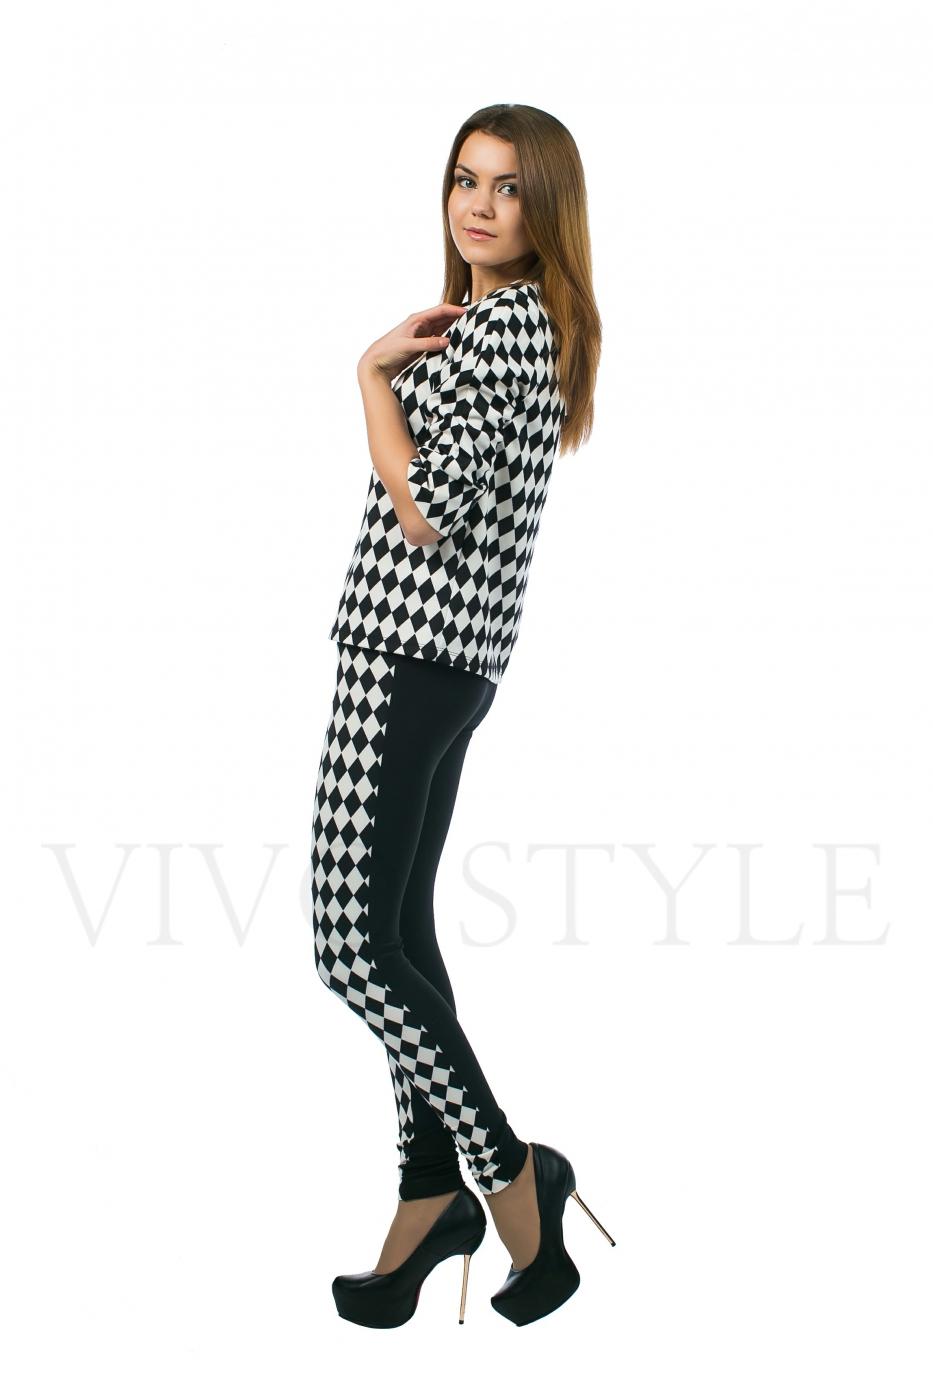 Блузка в классическом сочетании черного и белого